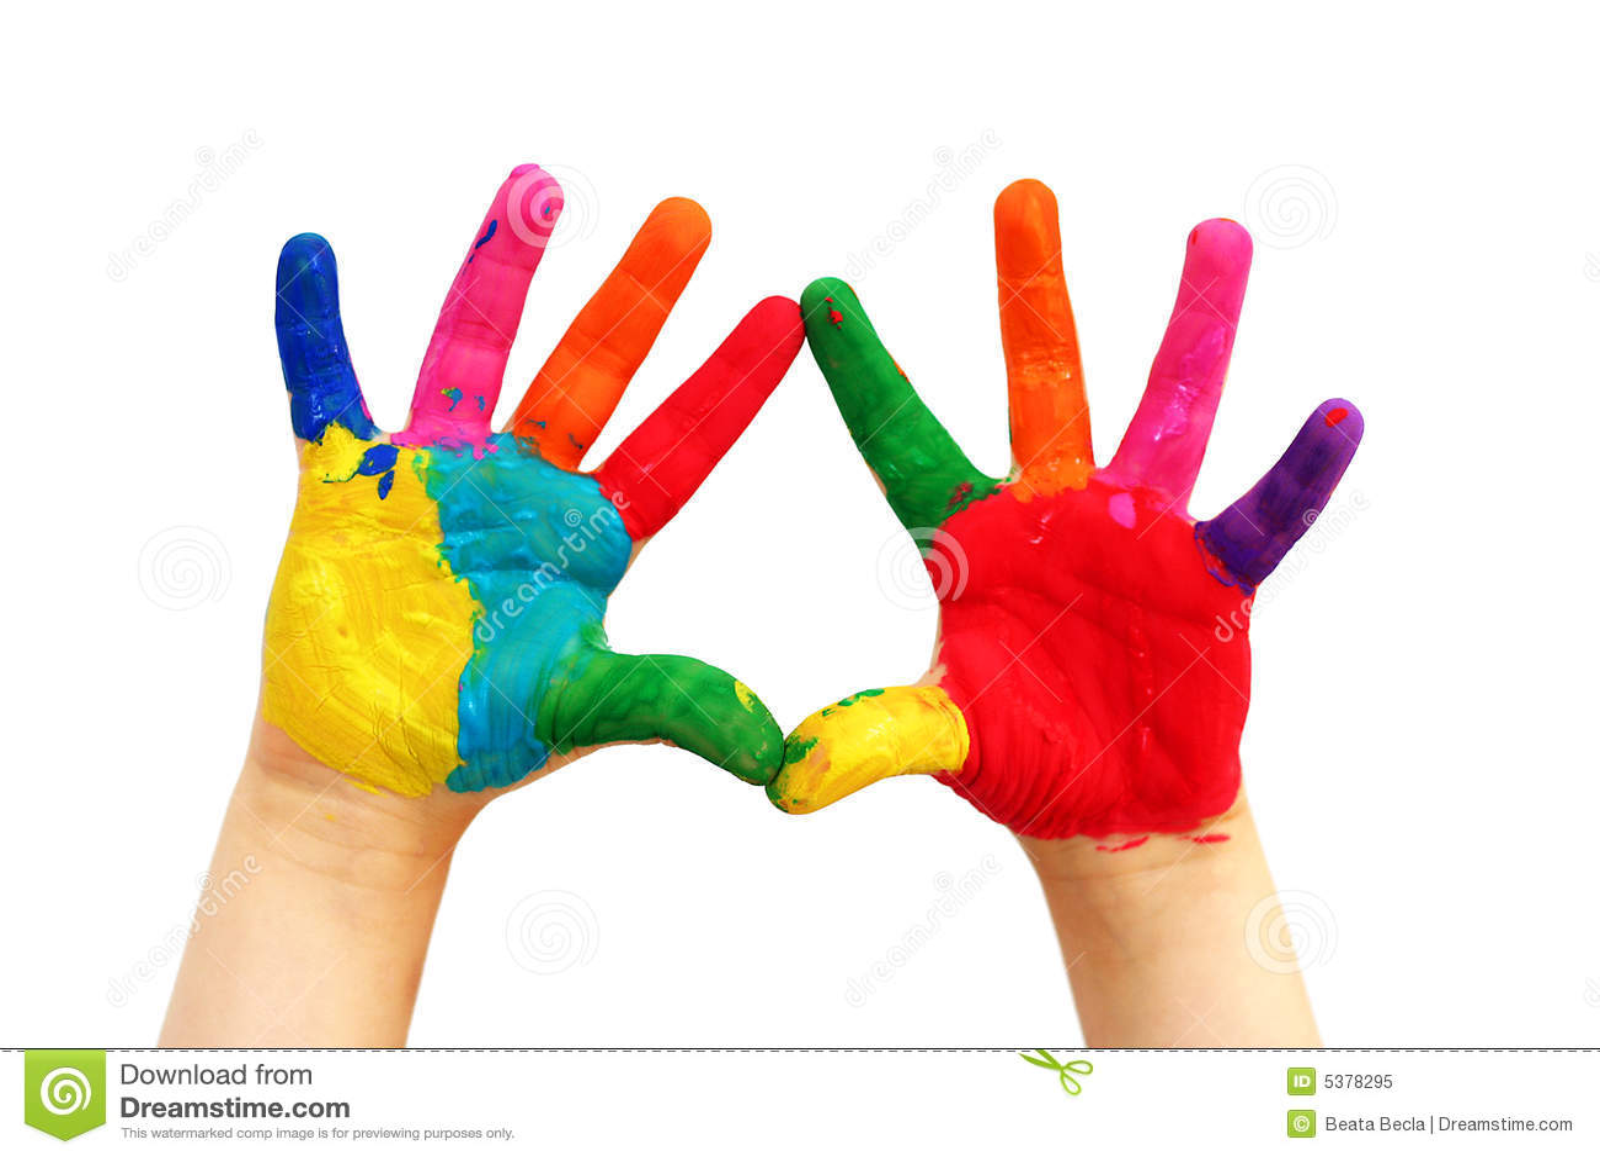 Mains peintes d 39 enfant photo libre de droits image 5378295 - Peinture main enfant ...